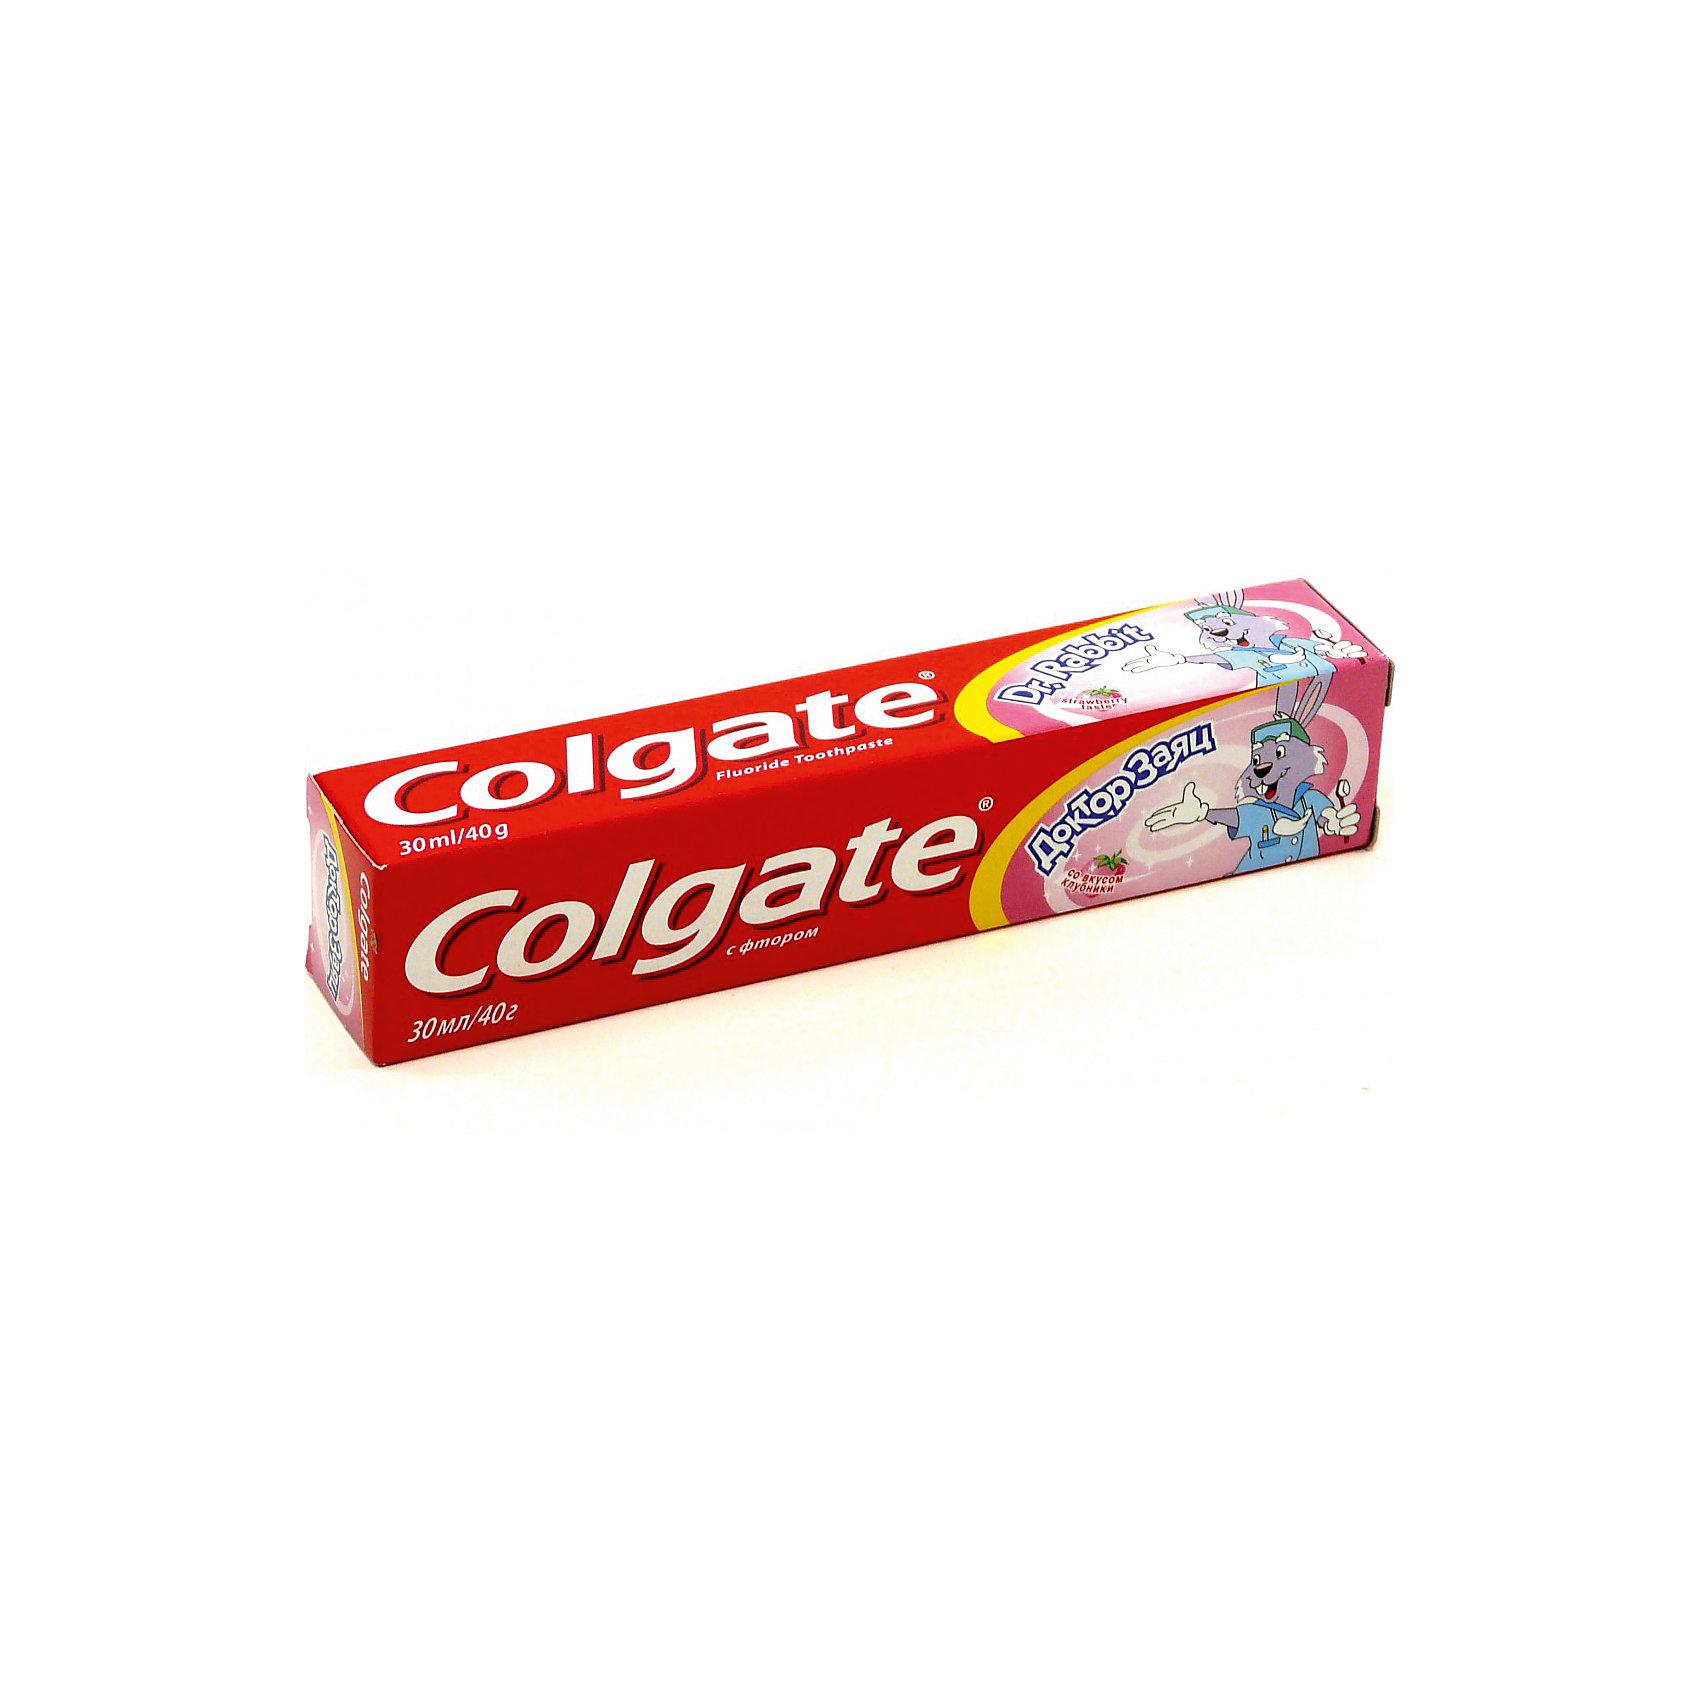 Зубная паста детская Доктор Заяц со вкусом клубники 50мл, ColgateЗубные пасты<br>Зубная паста детская Доктор Заяц со вкусом клубники 50мл от знаменитого американского бренда Colgate (Колгейт). Новая коллекция по уходу за ротовой полостью специально разработана компанией, чтобы дети могли использовать только лучшее. Эта яркая гелевая зубная паста с клубничным ароматом и вкусом понравится вашей крохе и он захочет сам чистить свои зубки. Паста бережно очистят молочные зубки и предотвратит появления кариеса. Невысокое содержание фтора сделает очищение еще более эффективным. Удобный тюбик выглядит совсем как у взрослых, но имеет симпатичного зайца, который станет отличным компаньоном по очистке зубов.<br>Дополнительная информация:<br>- Объем: 50 мл.<br>- Яркий клубничный вкус<br>Зубная паста детская Доктор Заяц со вкусом клубники 50мл, Colgate (Колгейт) можно купить в нашем интернет-магазине.<br>Подробнее:<br>• Для детей в возрасте: от 2 лет<br>• Номер товара: 5008302<br>Страна производитель: Китай<br><br>Ширина мм: 300<br>Глубина мм: 100<br>Высота мм: 50<br>Вес г: 100<br>Возраст от месяцев: 36<br>Возраст до месяцев: 2147483647<br>Пол: Унисекс<br>Возраст: Детский<br>SKU: 5008302